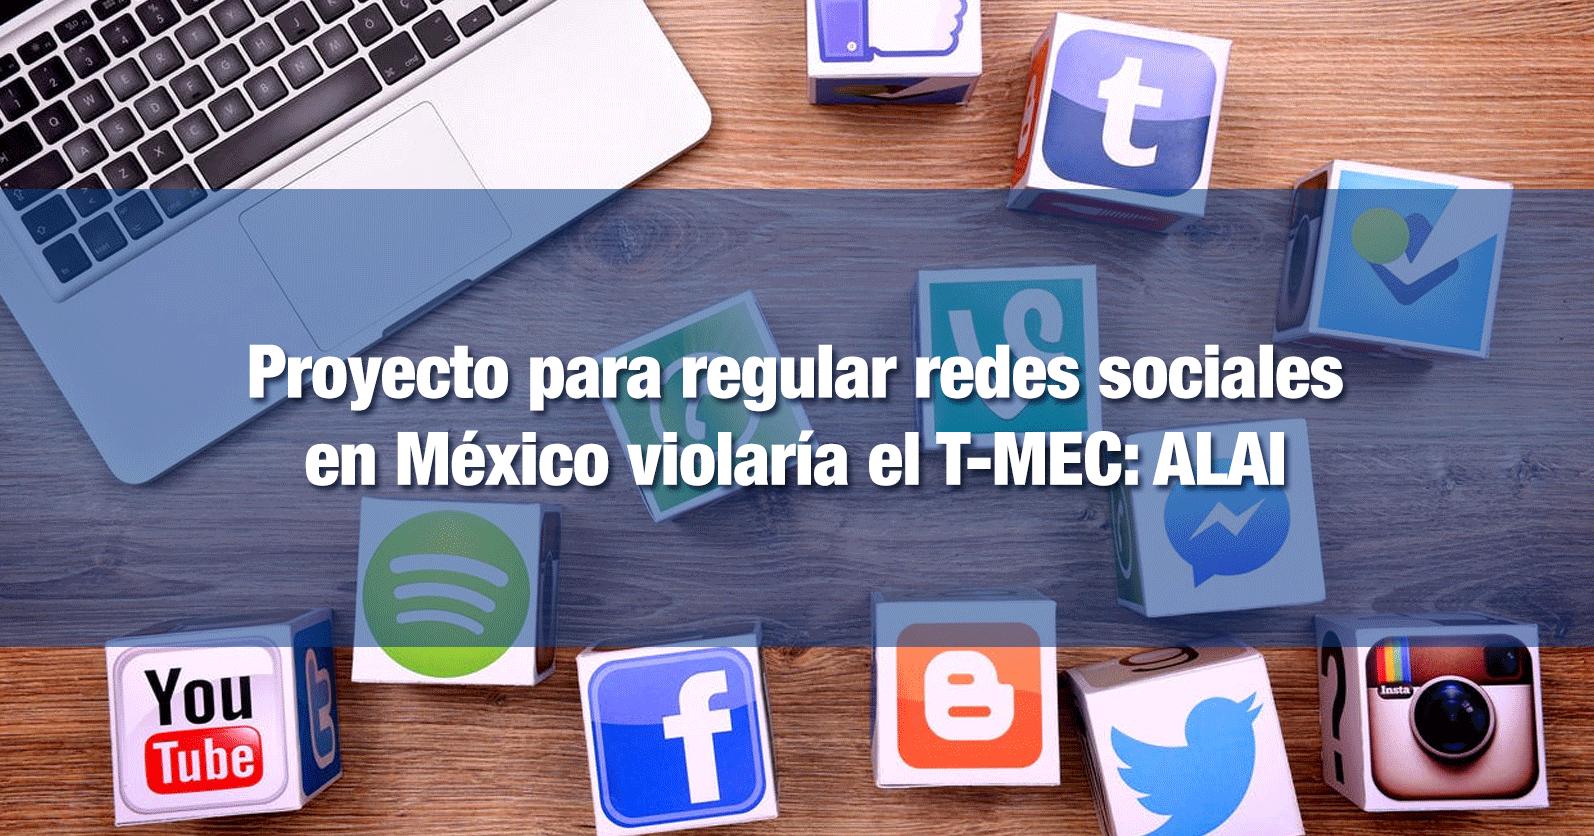 Proyecto de Monreal para regular redes sociales en México violaría el T-MEC: ALAI